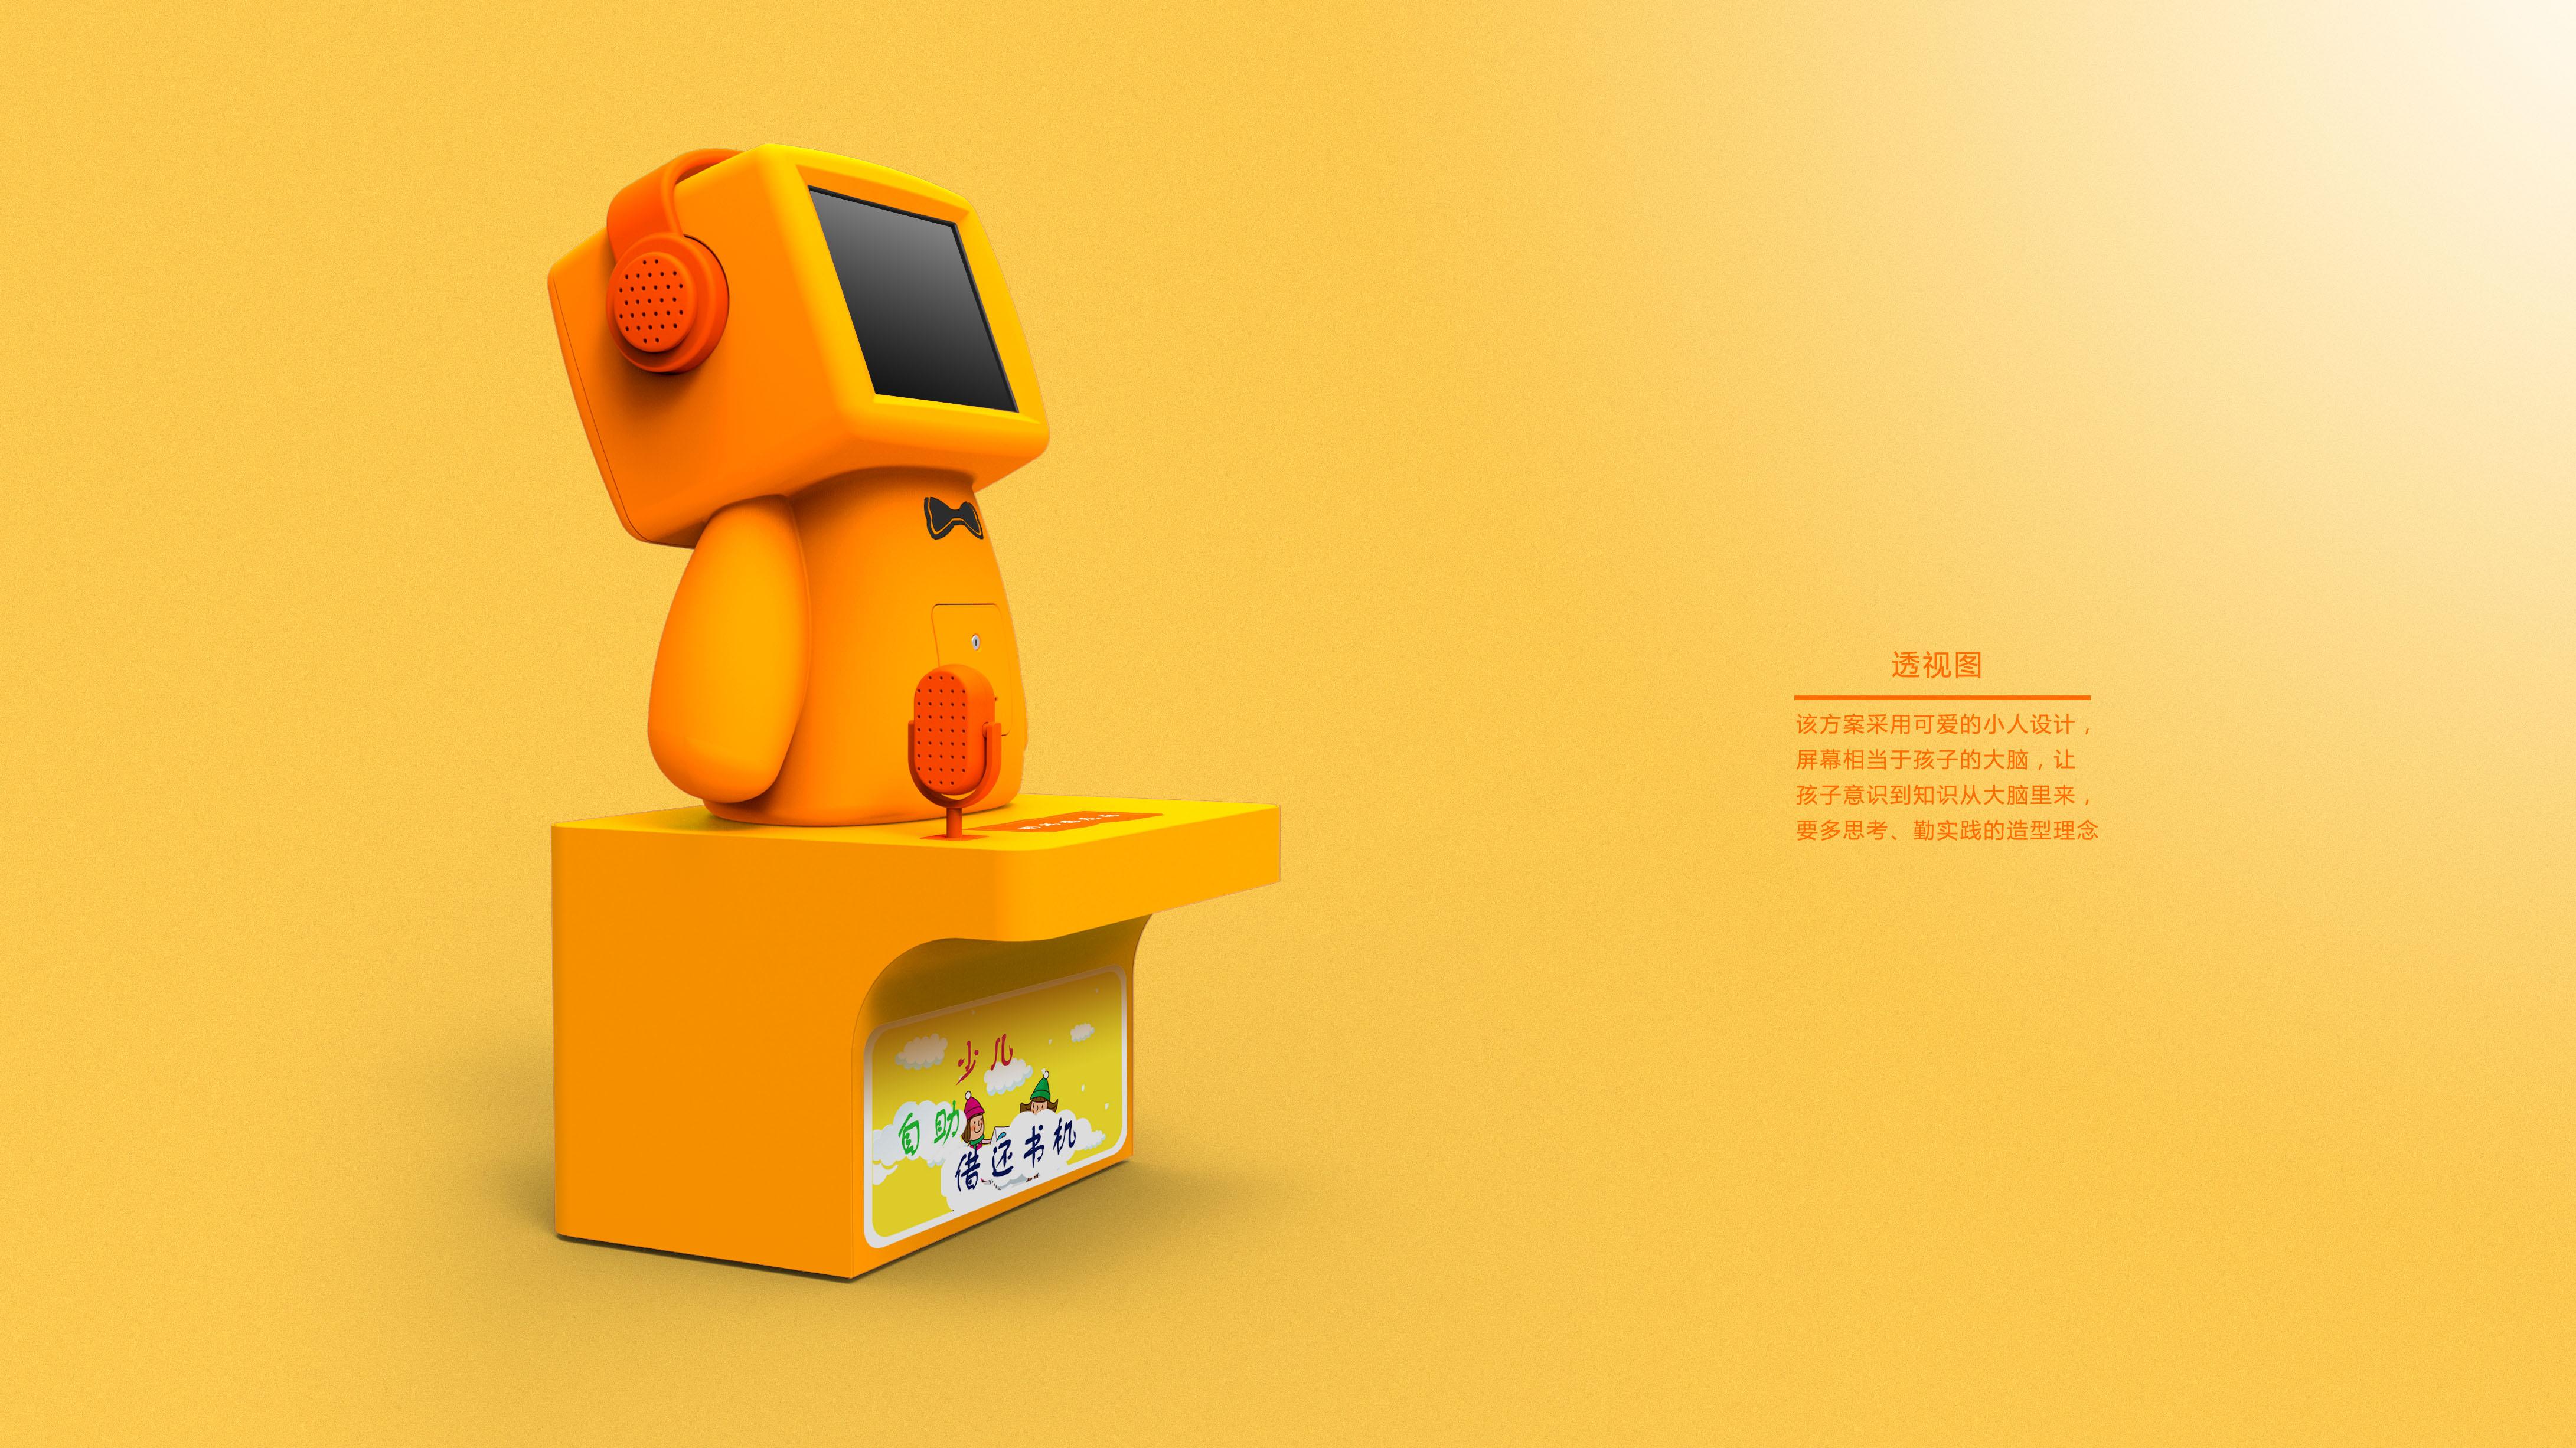 工业设计——儿童借书机